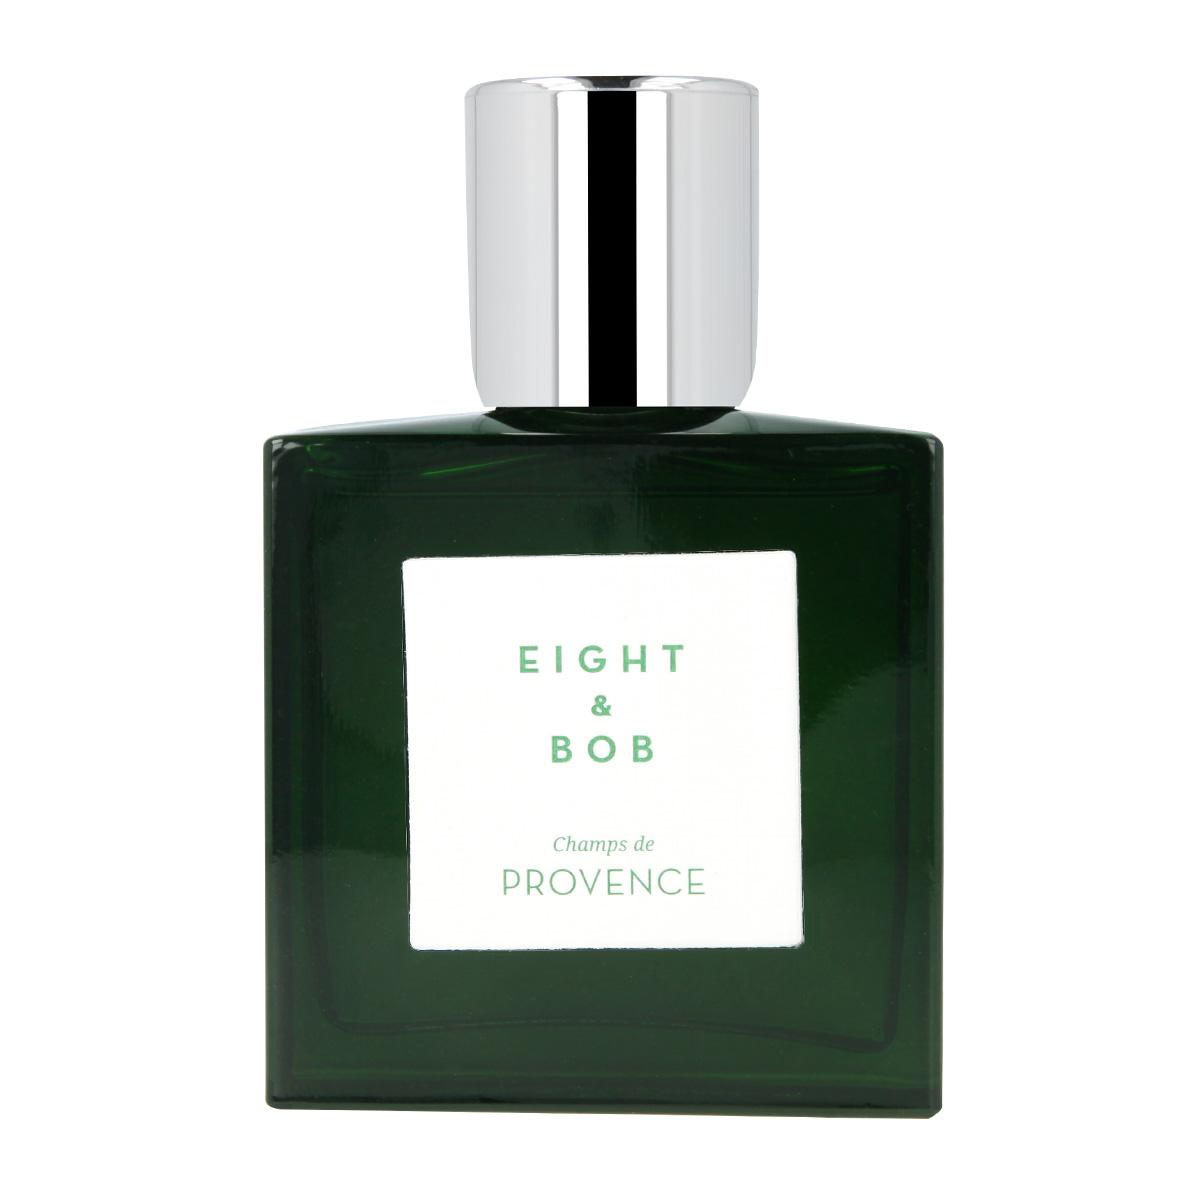 Eight & Bob Champs de Provence Eau De Parfum 100 ml (unisex) 102746